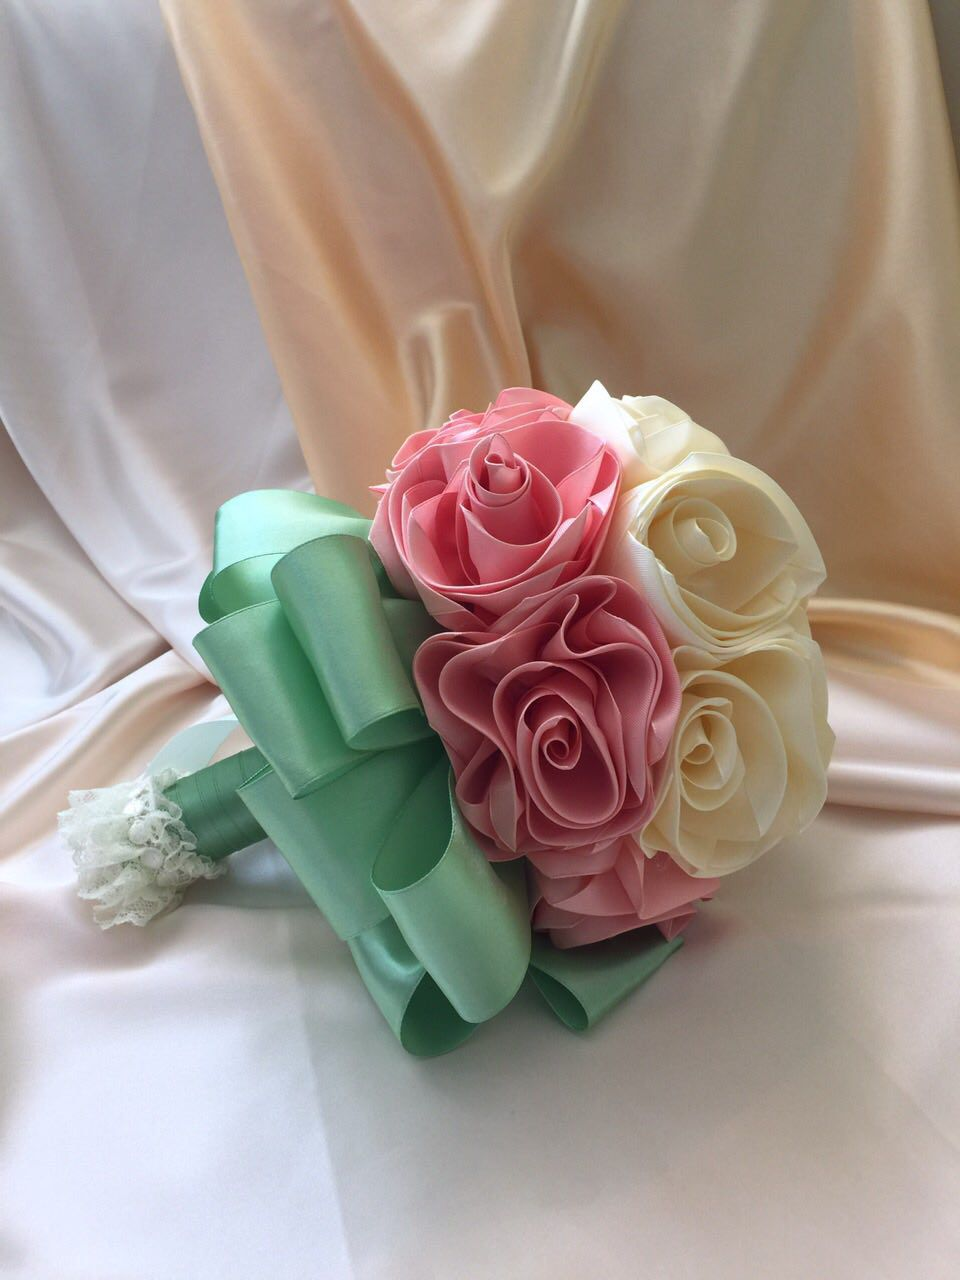 свадьба цветы розы дублер шёлковыеленты невеста букет кружево